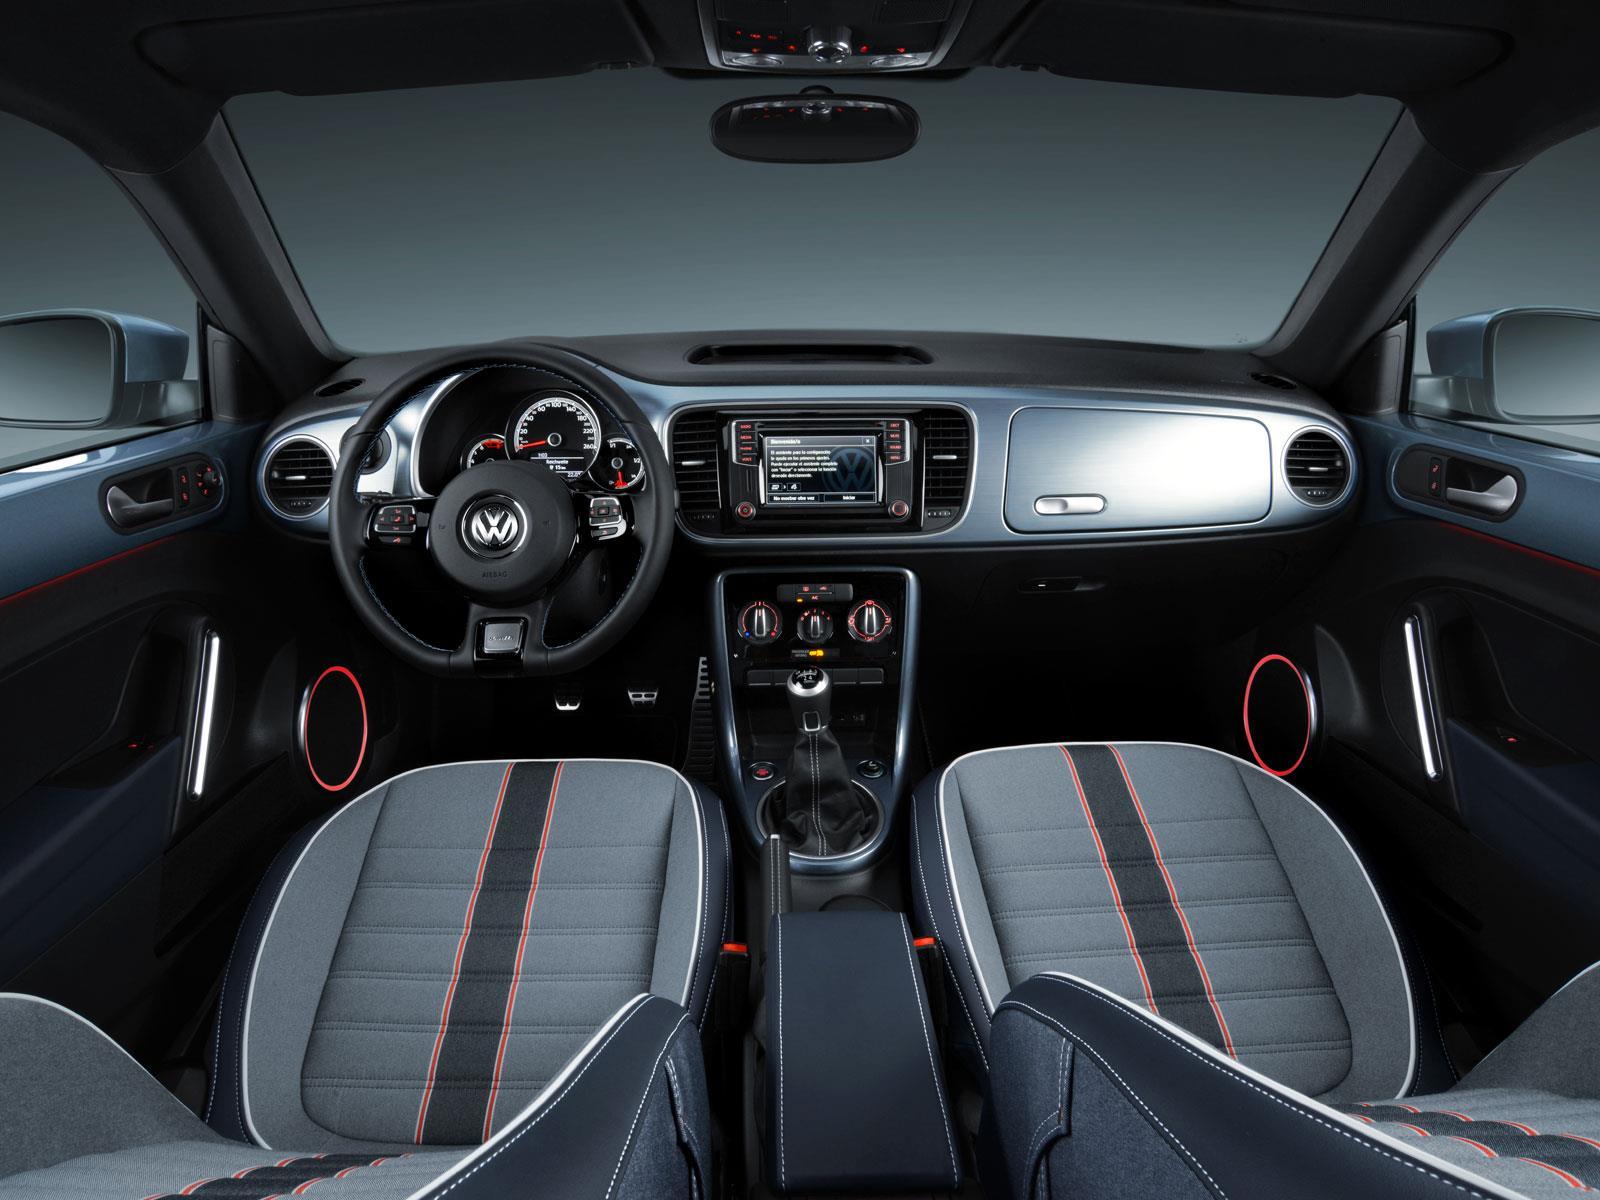 Volkswagen Beetle Denim 2017 Llega A M Xico Desde 305 990 Pesos